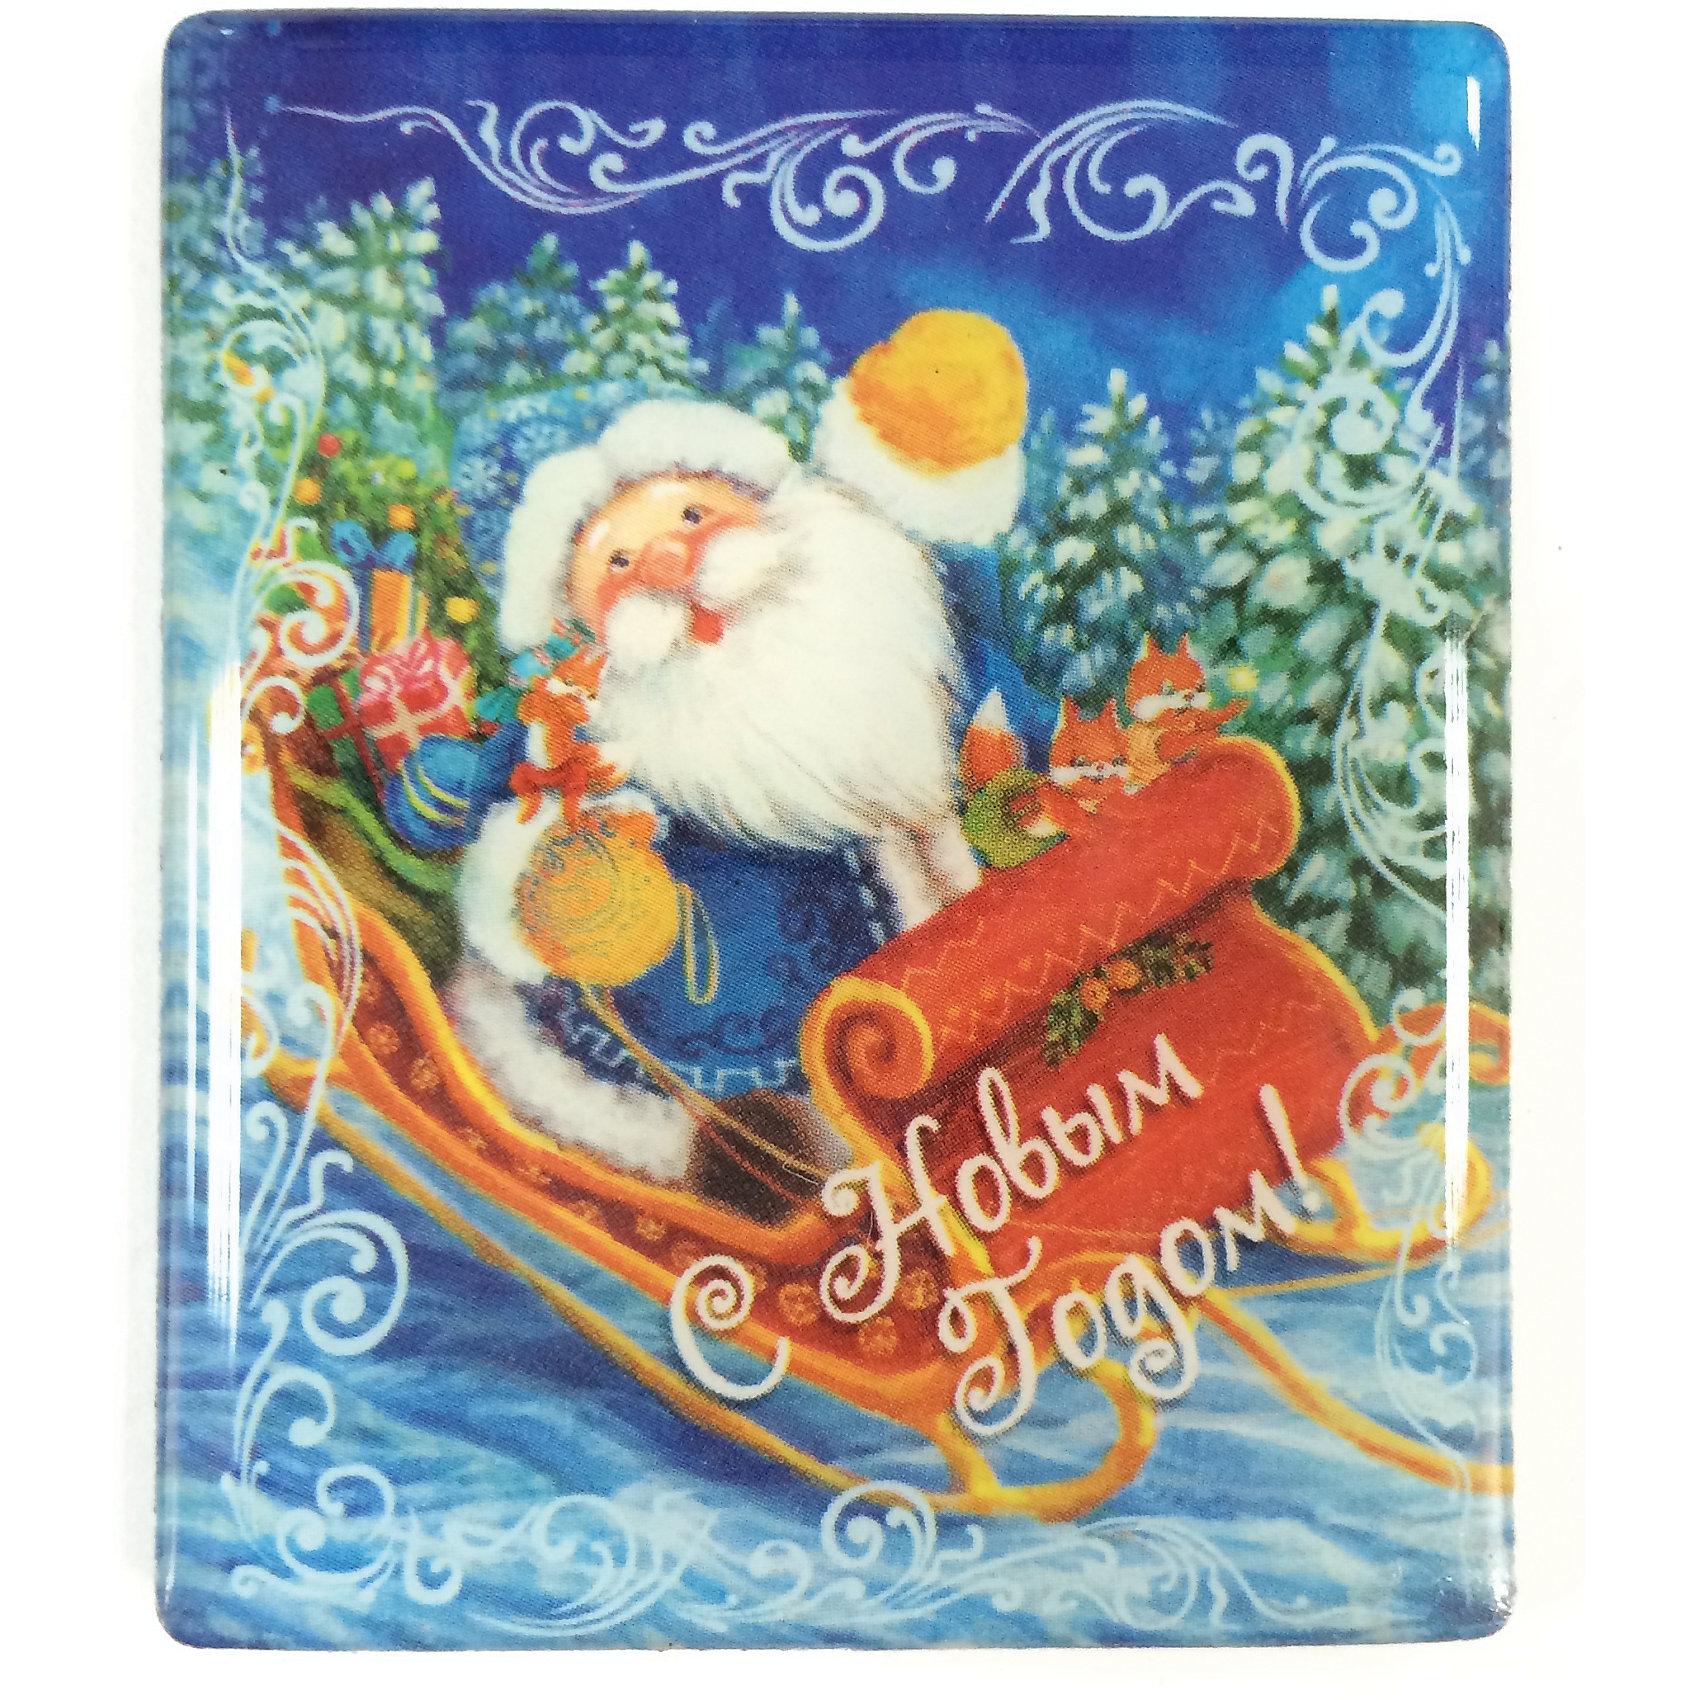 Магнит Дед Мороз в саняхМагнит Дед Мороз в санях, Феникс-Презент, добавит праздничности в Ваш новогодний интерьер и поднимет настроение. Магнит прямоугольной формы украшен красочным изображением Дела Мороза, везущего в санях новогодние подарки. <br><br>Дополнительная информация:<br><br>- Материал магнита: агломерированный феррит.<br>- Размер магнита: 6 х 5 см.<br><br>Магнит Дед Мороз в санях, Феникс-Презент, можно купить в нашем интернет-магазине.<br><br>Ширина мм: 100<br>Глубина мм: 100<br>Высота мм: 100<br>Вес г: 100<br>Возраст от месяцев: 36<br>Возраст до месяцев: 2147483647<br>Пол: Унисекс<br>Возраст: Детский<br>SKU: 4276543